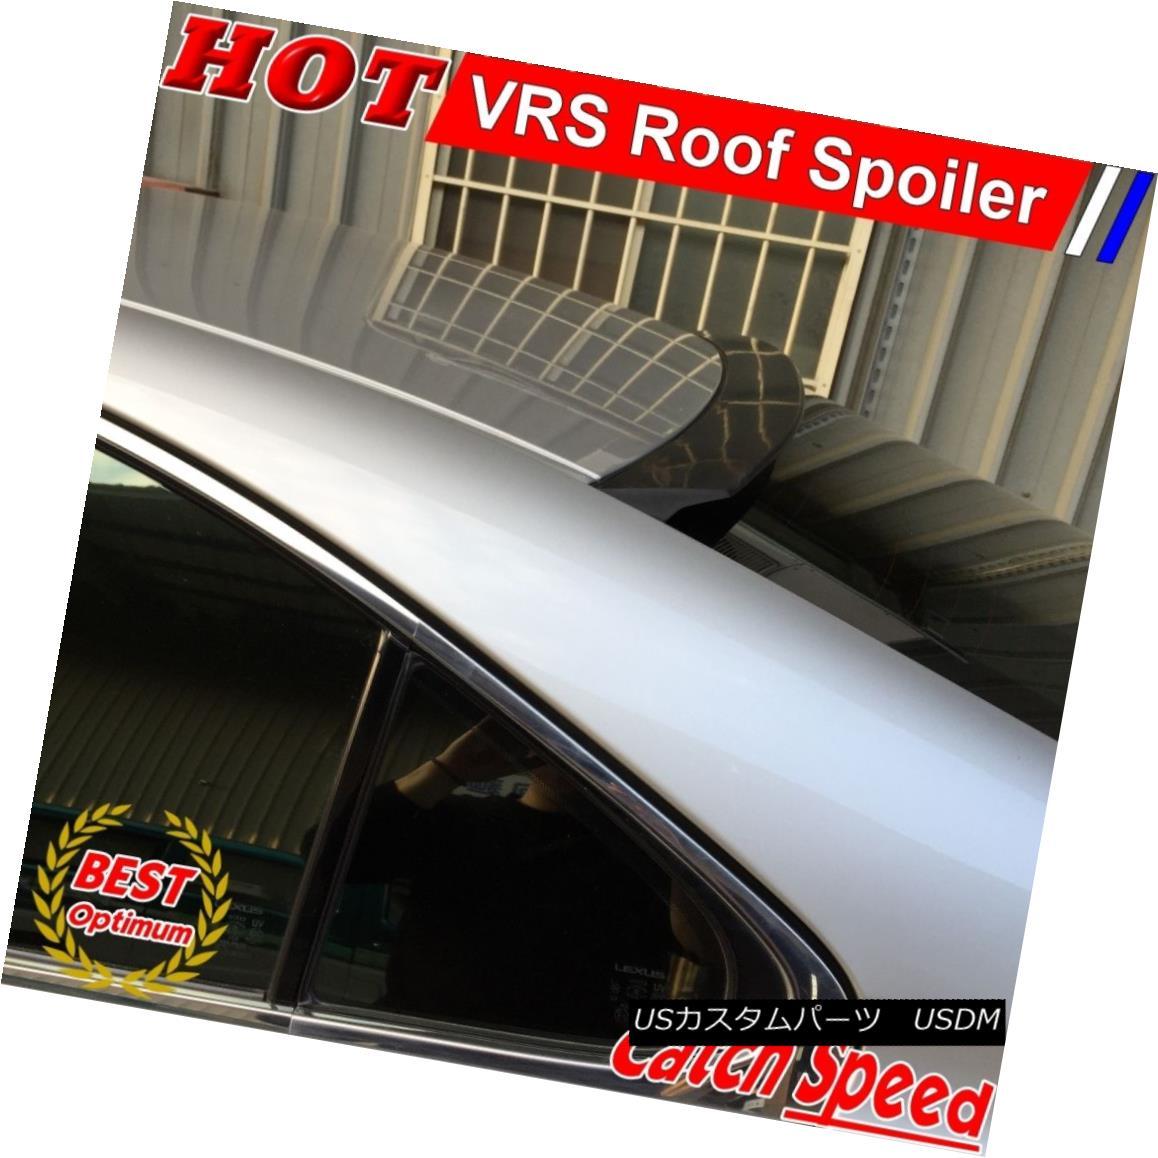 エアロパーツ Painted VRS Type Rear Roof Spoiler Wing For NISSAN TIIDA Versa 2004-10 Sedan 日産ティアダVersa 2004-10セダン用塗装VRSタイプリアルーフスポイラーウイング